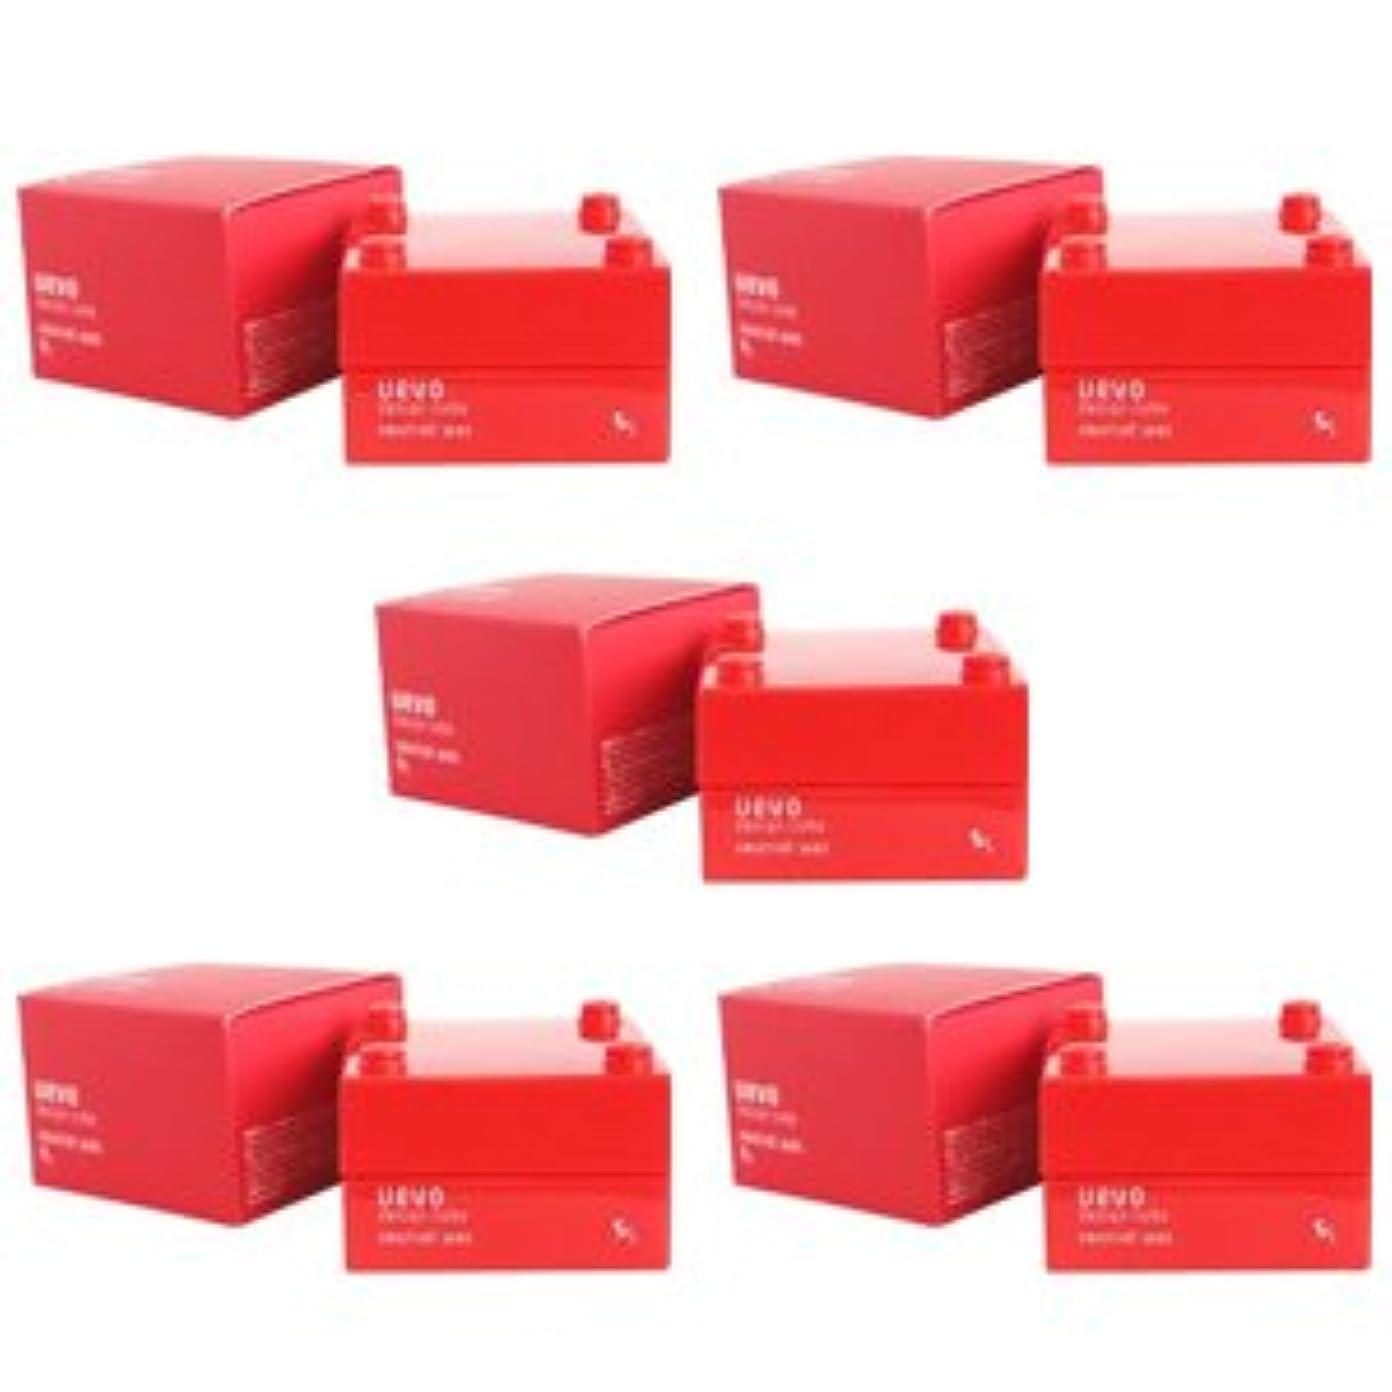 利用可能感動するシード【X5個セット】 デミ ウェーボ デザインキューブ ニュートラルワックス 30g neutral wax DEMI uevo design cube